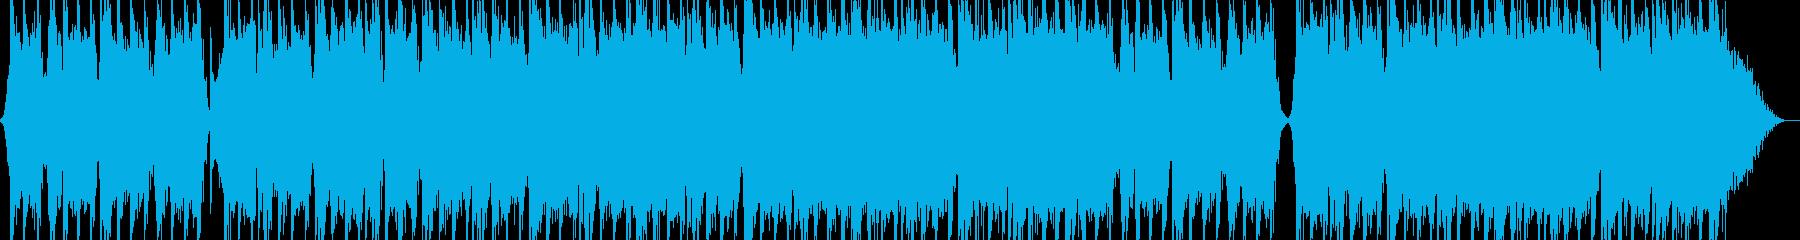 パワフルでスタイリッシュでグルーヴィーなの再生済みの波形